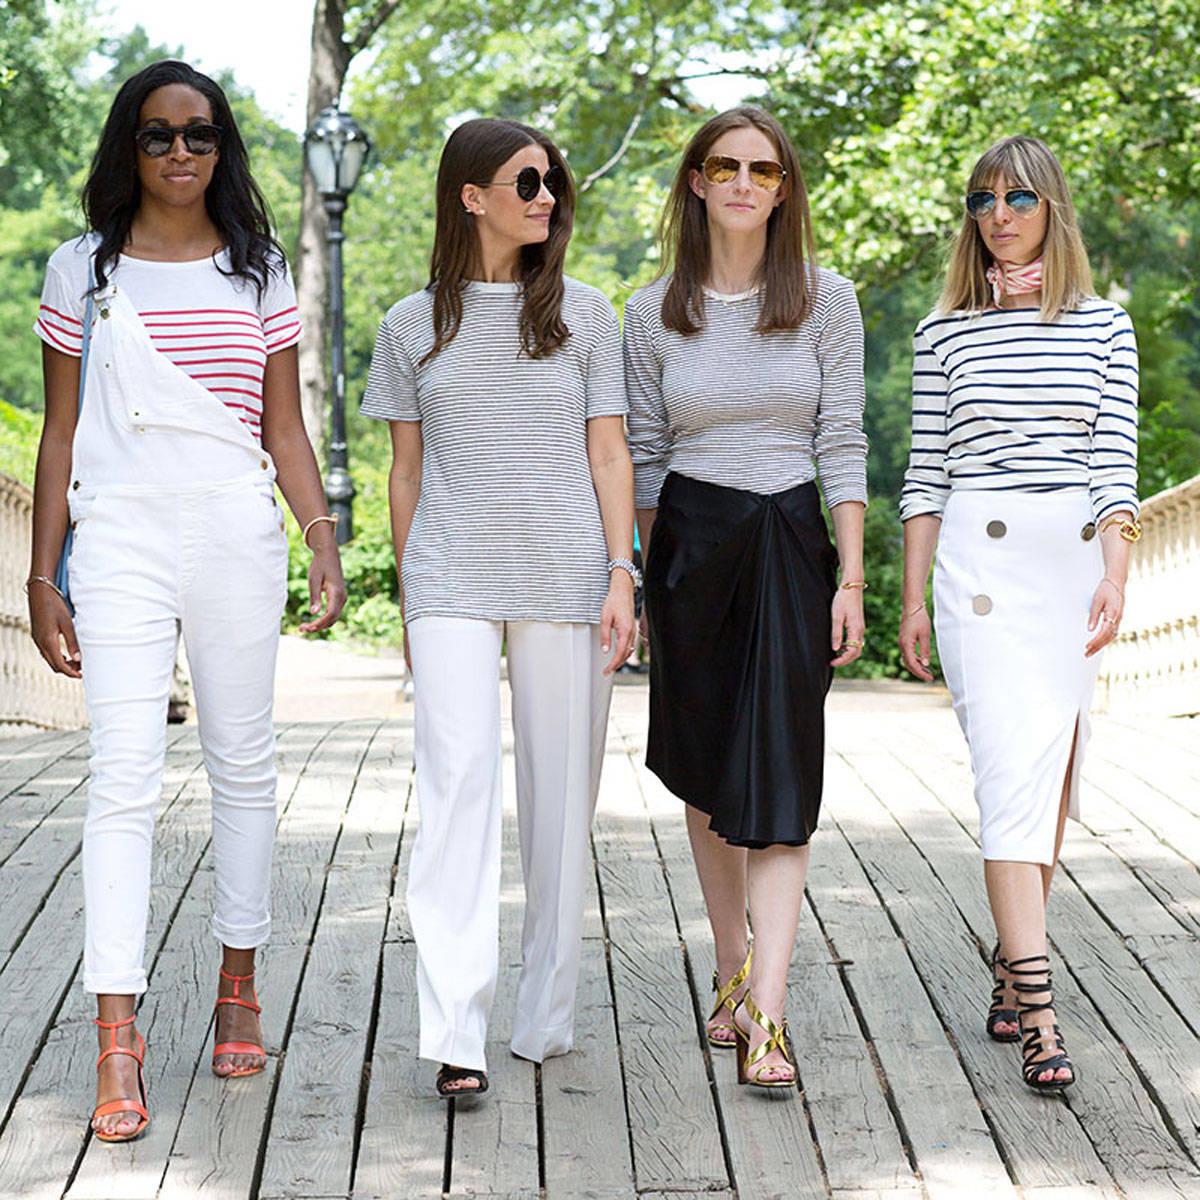 3-spoj-na-udobnost-i-elegancija-vo-ovaa-sezona-izgledajte-kako-moderna-francuzinka-www.kafepauza.mk_